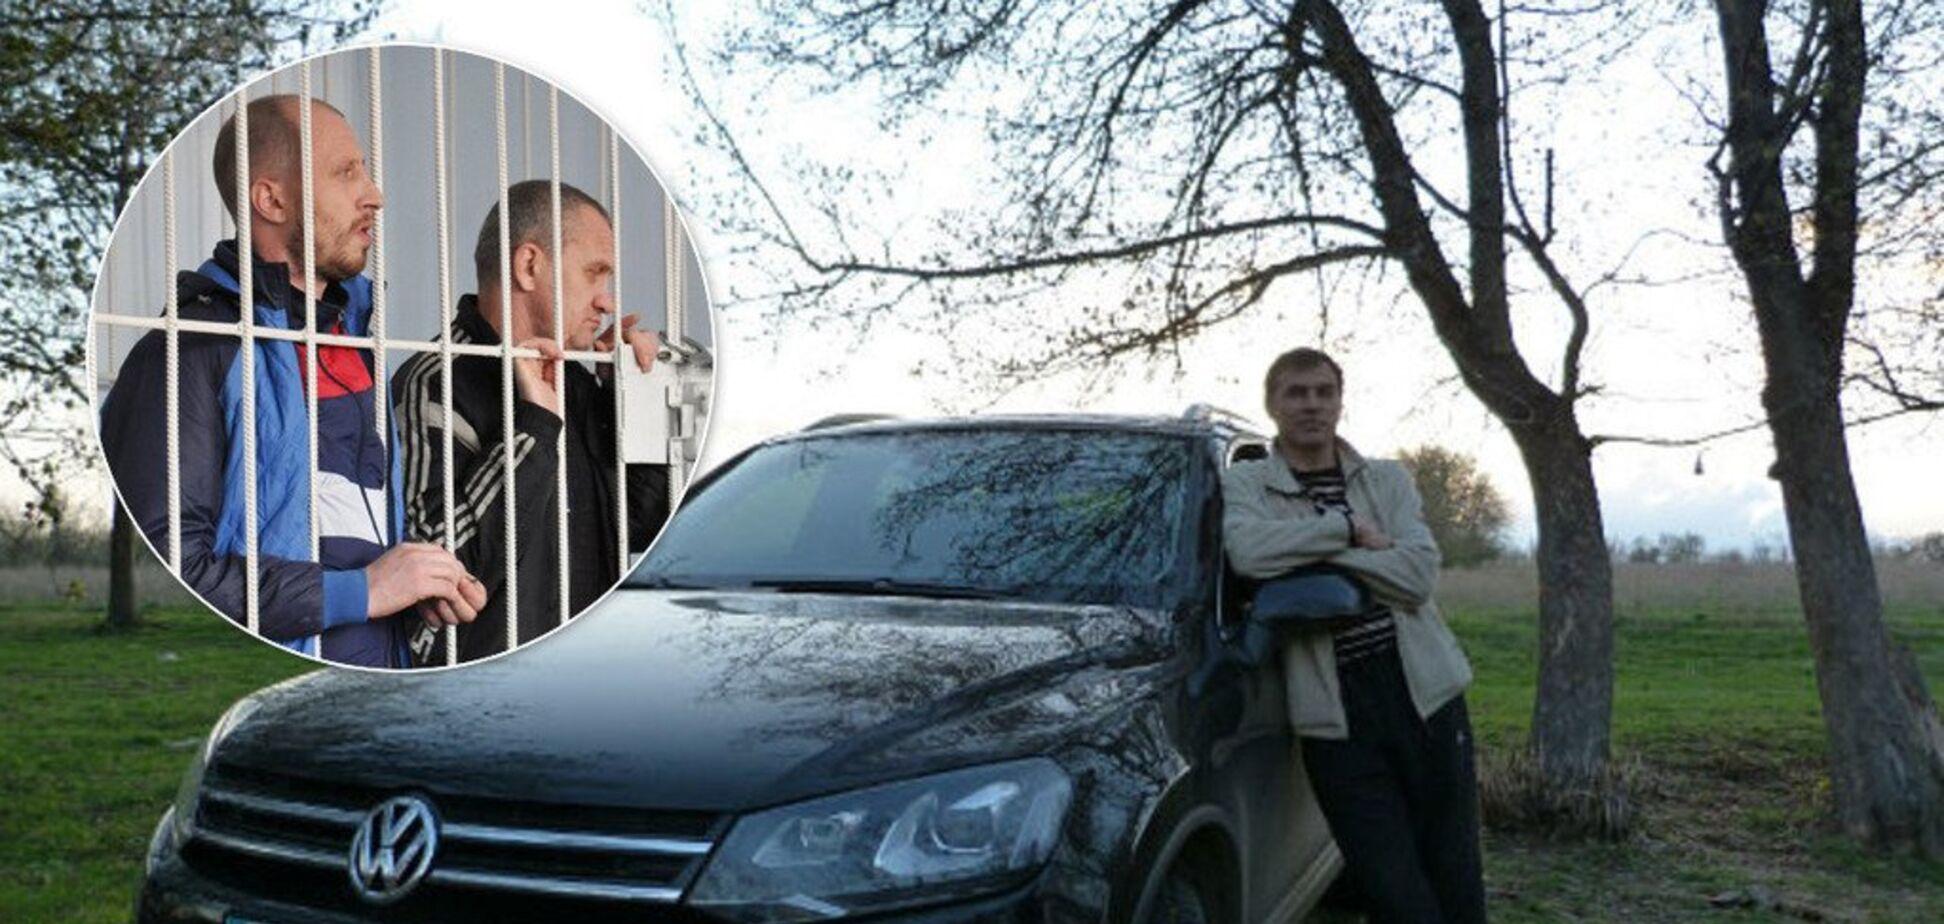 Бізнесменів-коханців закопали в одну могилу: розкрито страшні подробиці вбивства в Україні